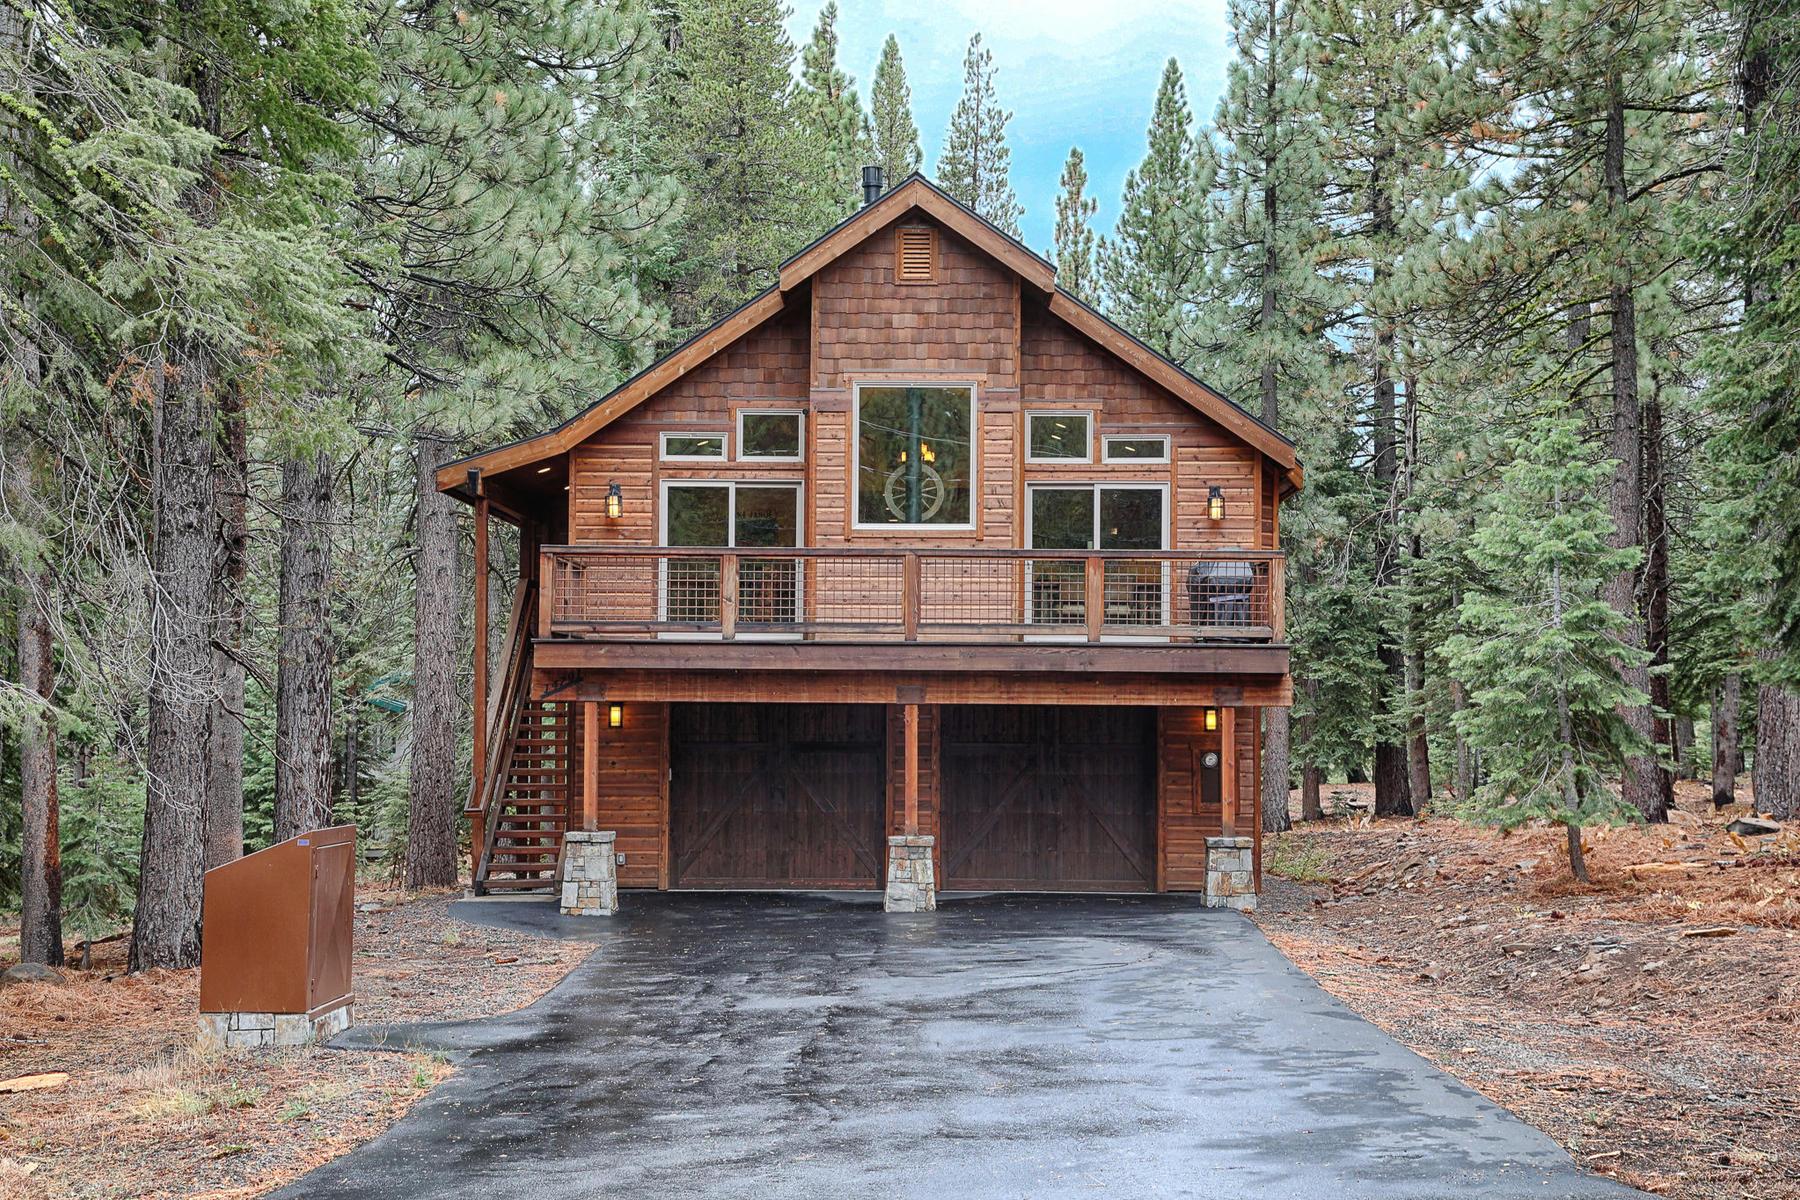 独户住宅 为 销售 在 14791 Tyrol Road, Truckee CA 14791 Tyrol Road 特拉基, 加利福尼亚州 96161 美国